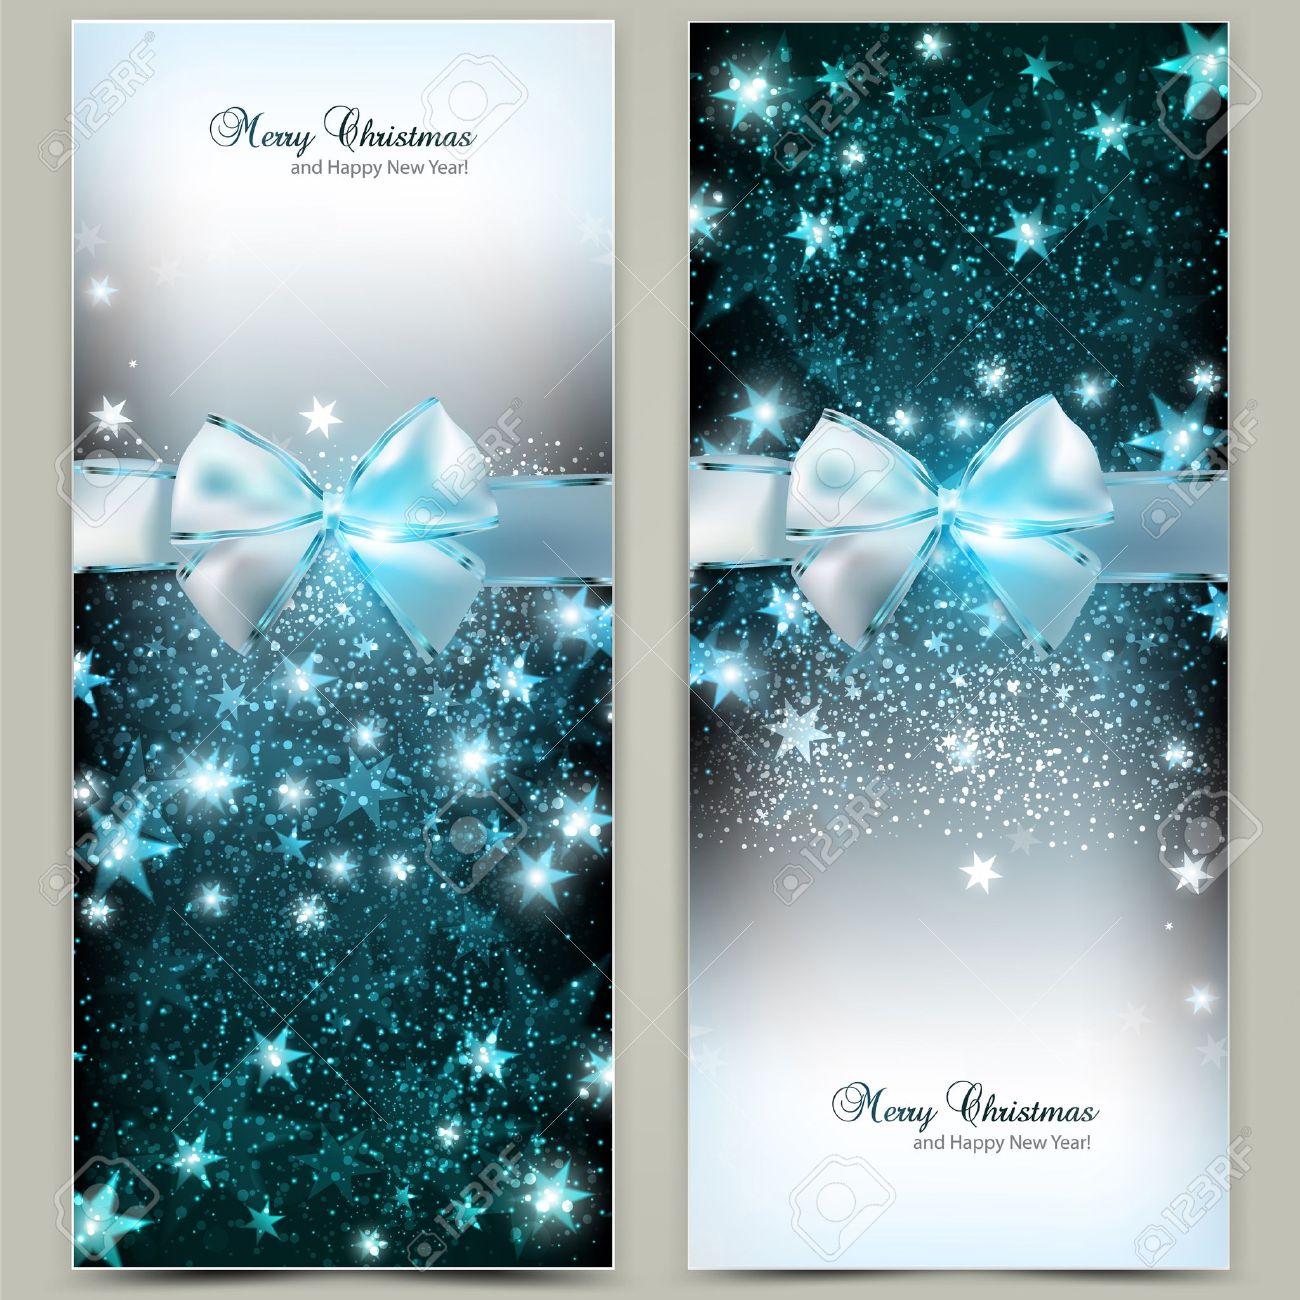 elegante tarjetas de felicitacin de navidad con lazos azules y el lugar para el texto